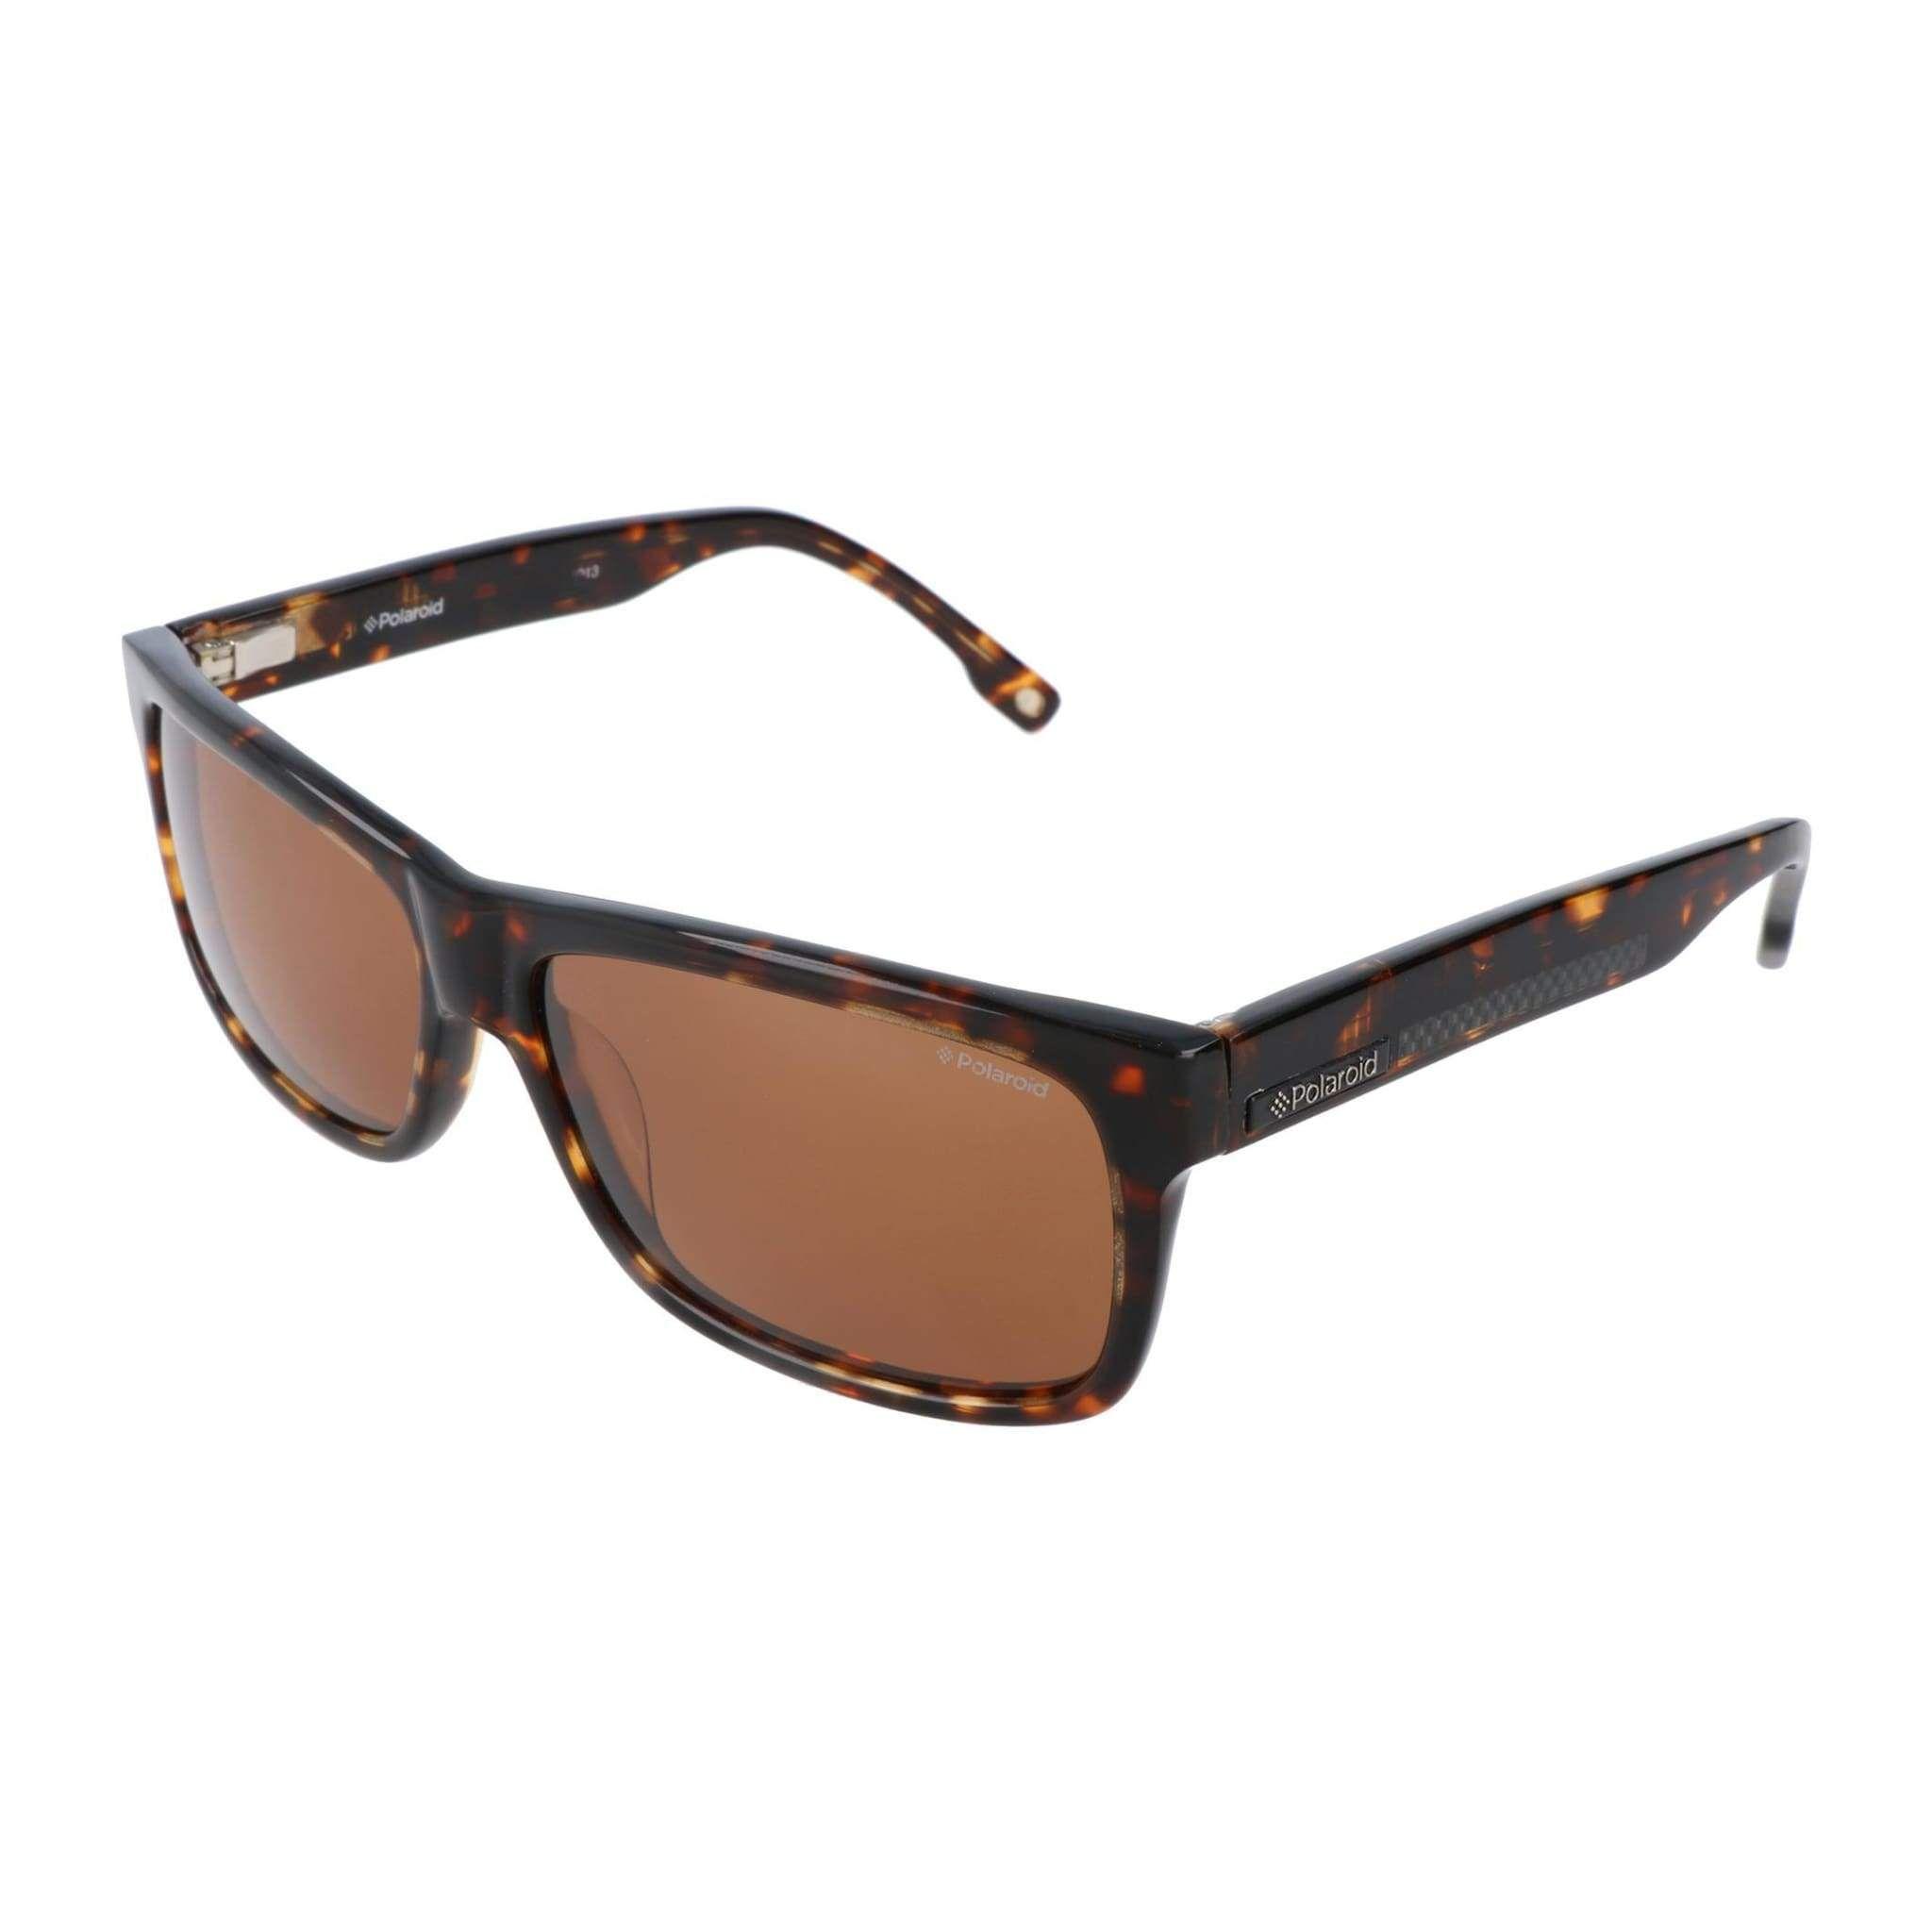 Polaroid Mens Sunglasses In Black NOSIZE | eBay